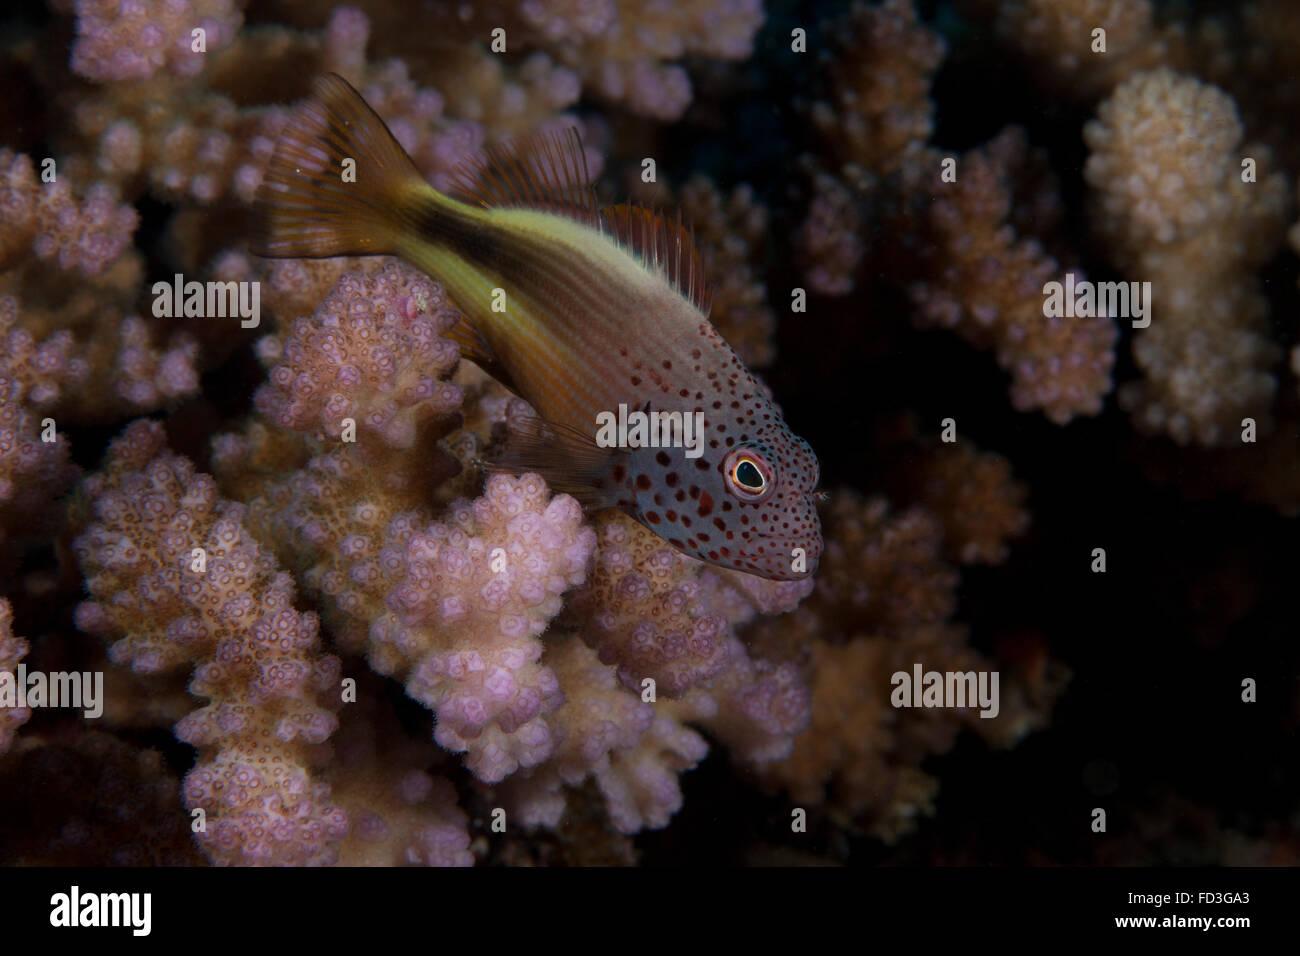 (Paracirrhites Freakled hawkfish forsteri) se asienta en algunos Acropora sobre un arrecife de coral de Fiji. Foto de stock